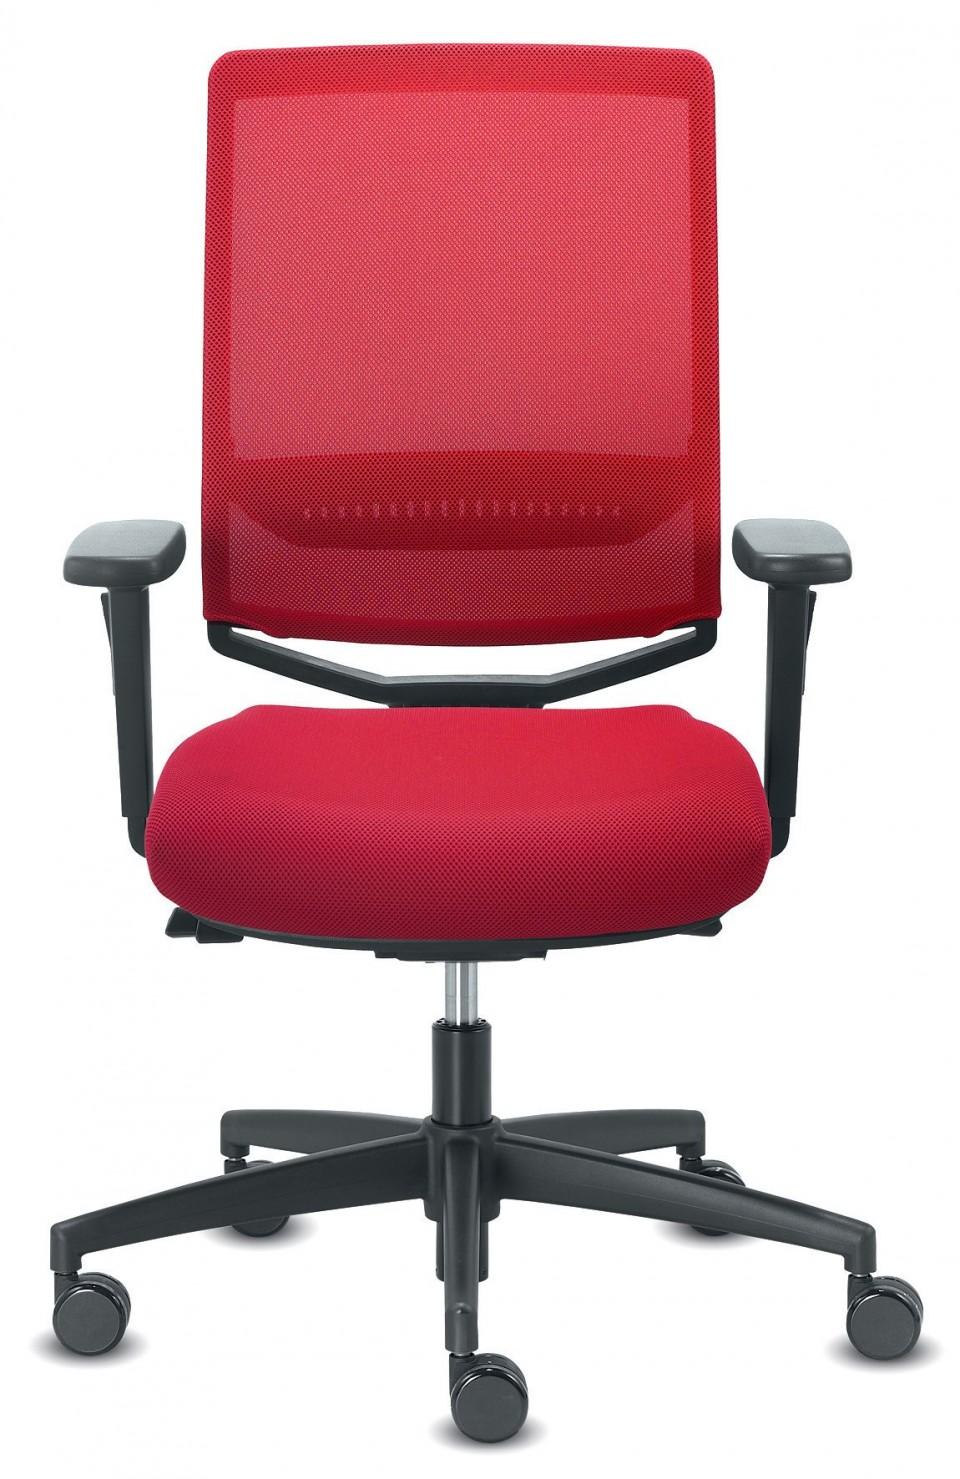 coussin ergonomique pour chaise de bureau perfect coussin pour fauteuil coussin pour fauteuil. Black Bedroom Furniture Sets. Home Design Ideas